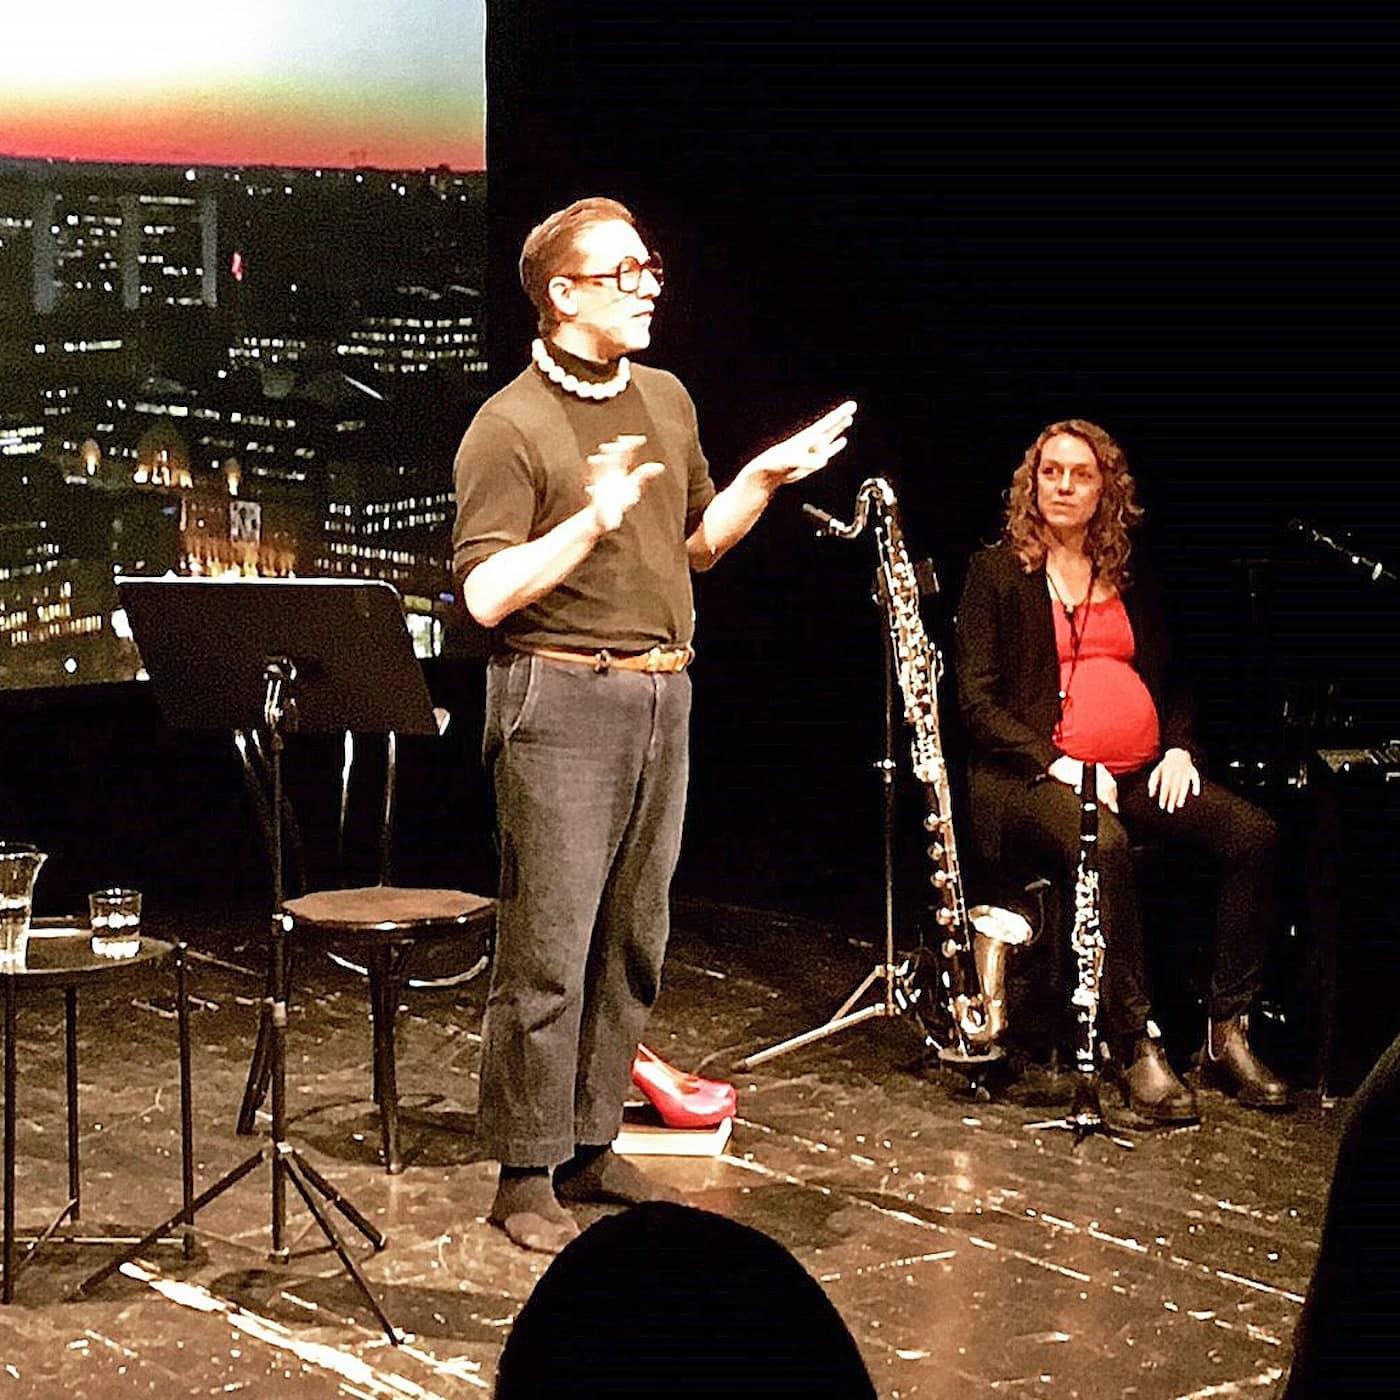 Svenska berättelser på scen - Som om att jag inte fanns av Erik Engelv